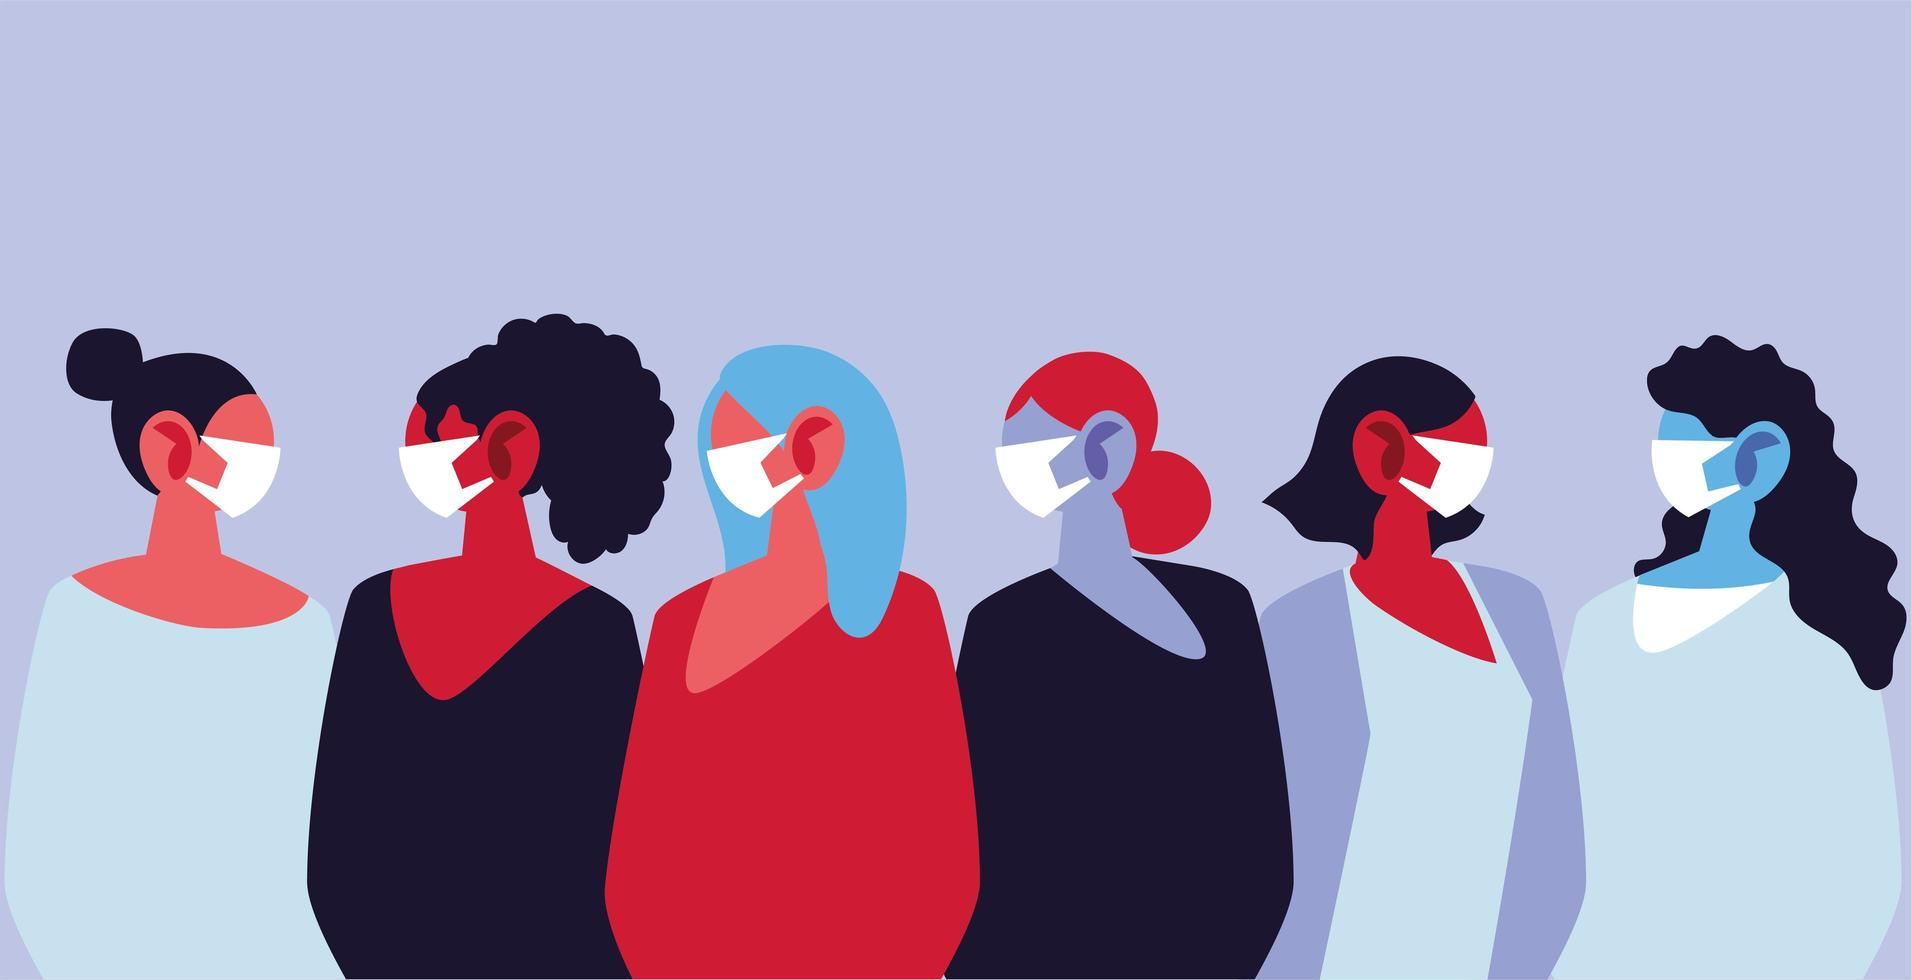 kvinnor som använder medicinska ansiktsmasker och skyddar sig själva vektor